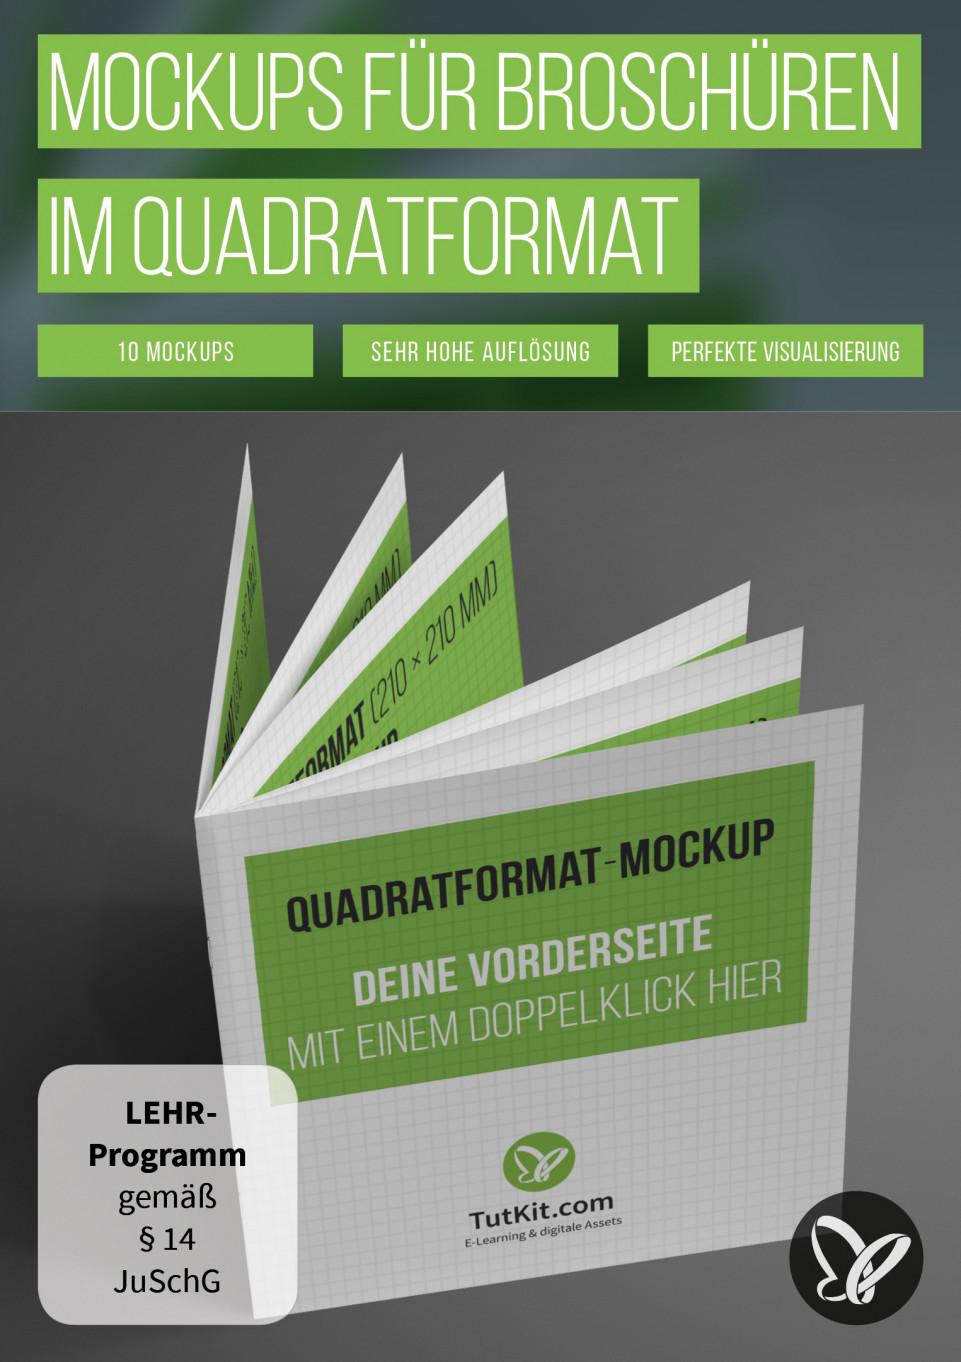 Mockups für Broschüren im Quadratformat